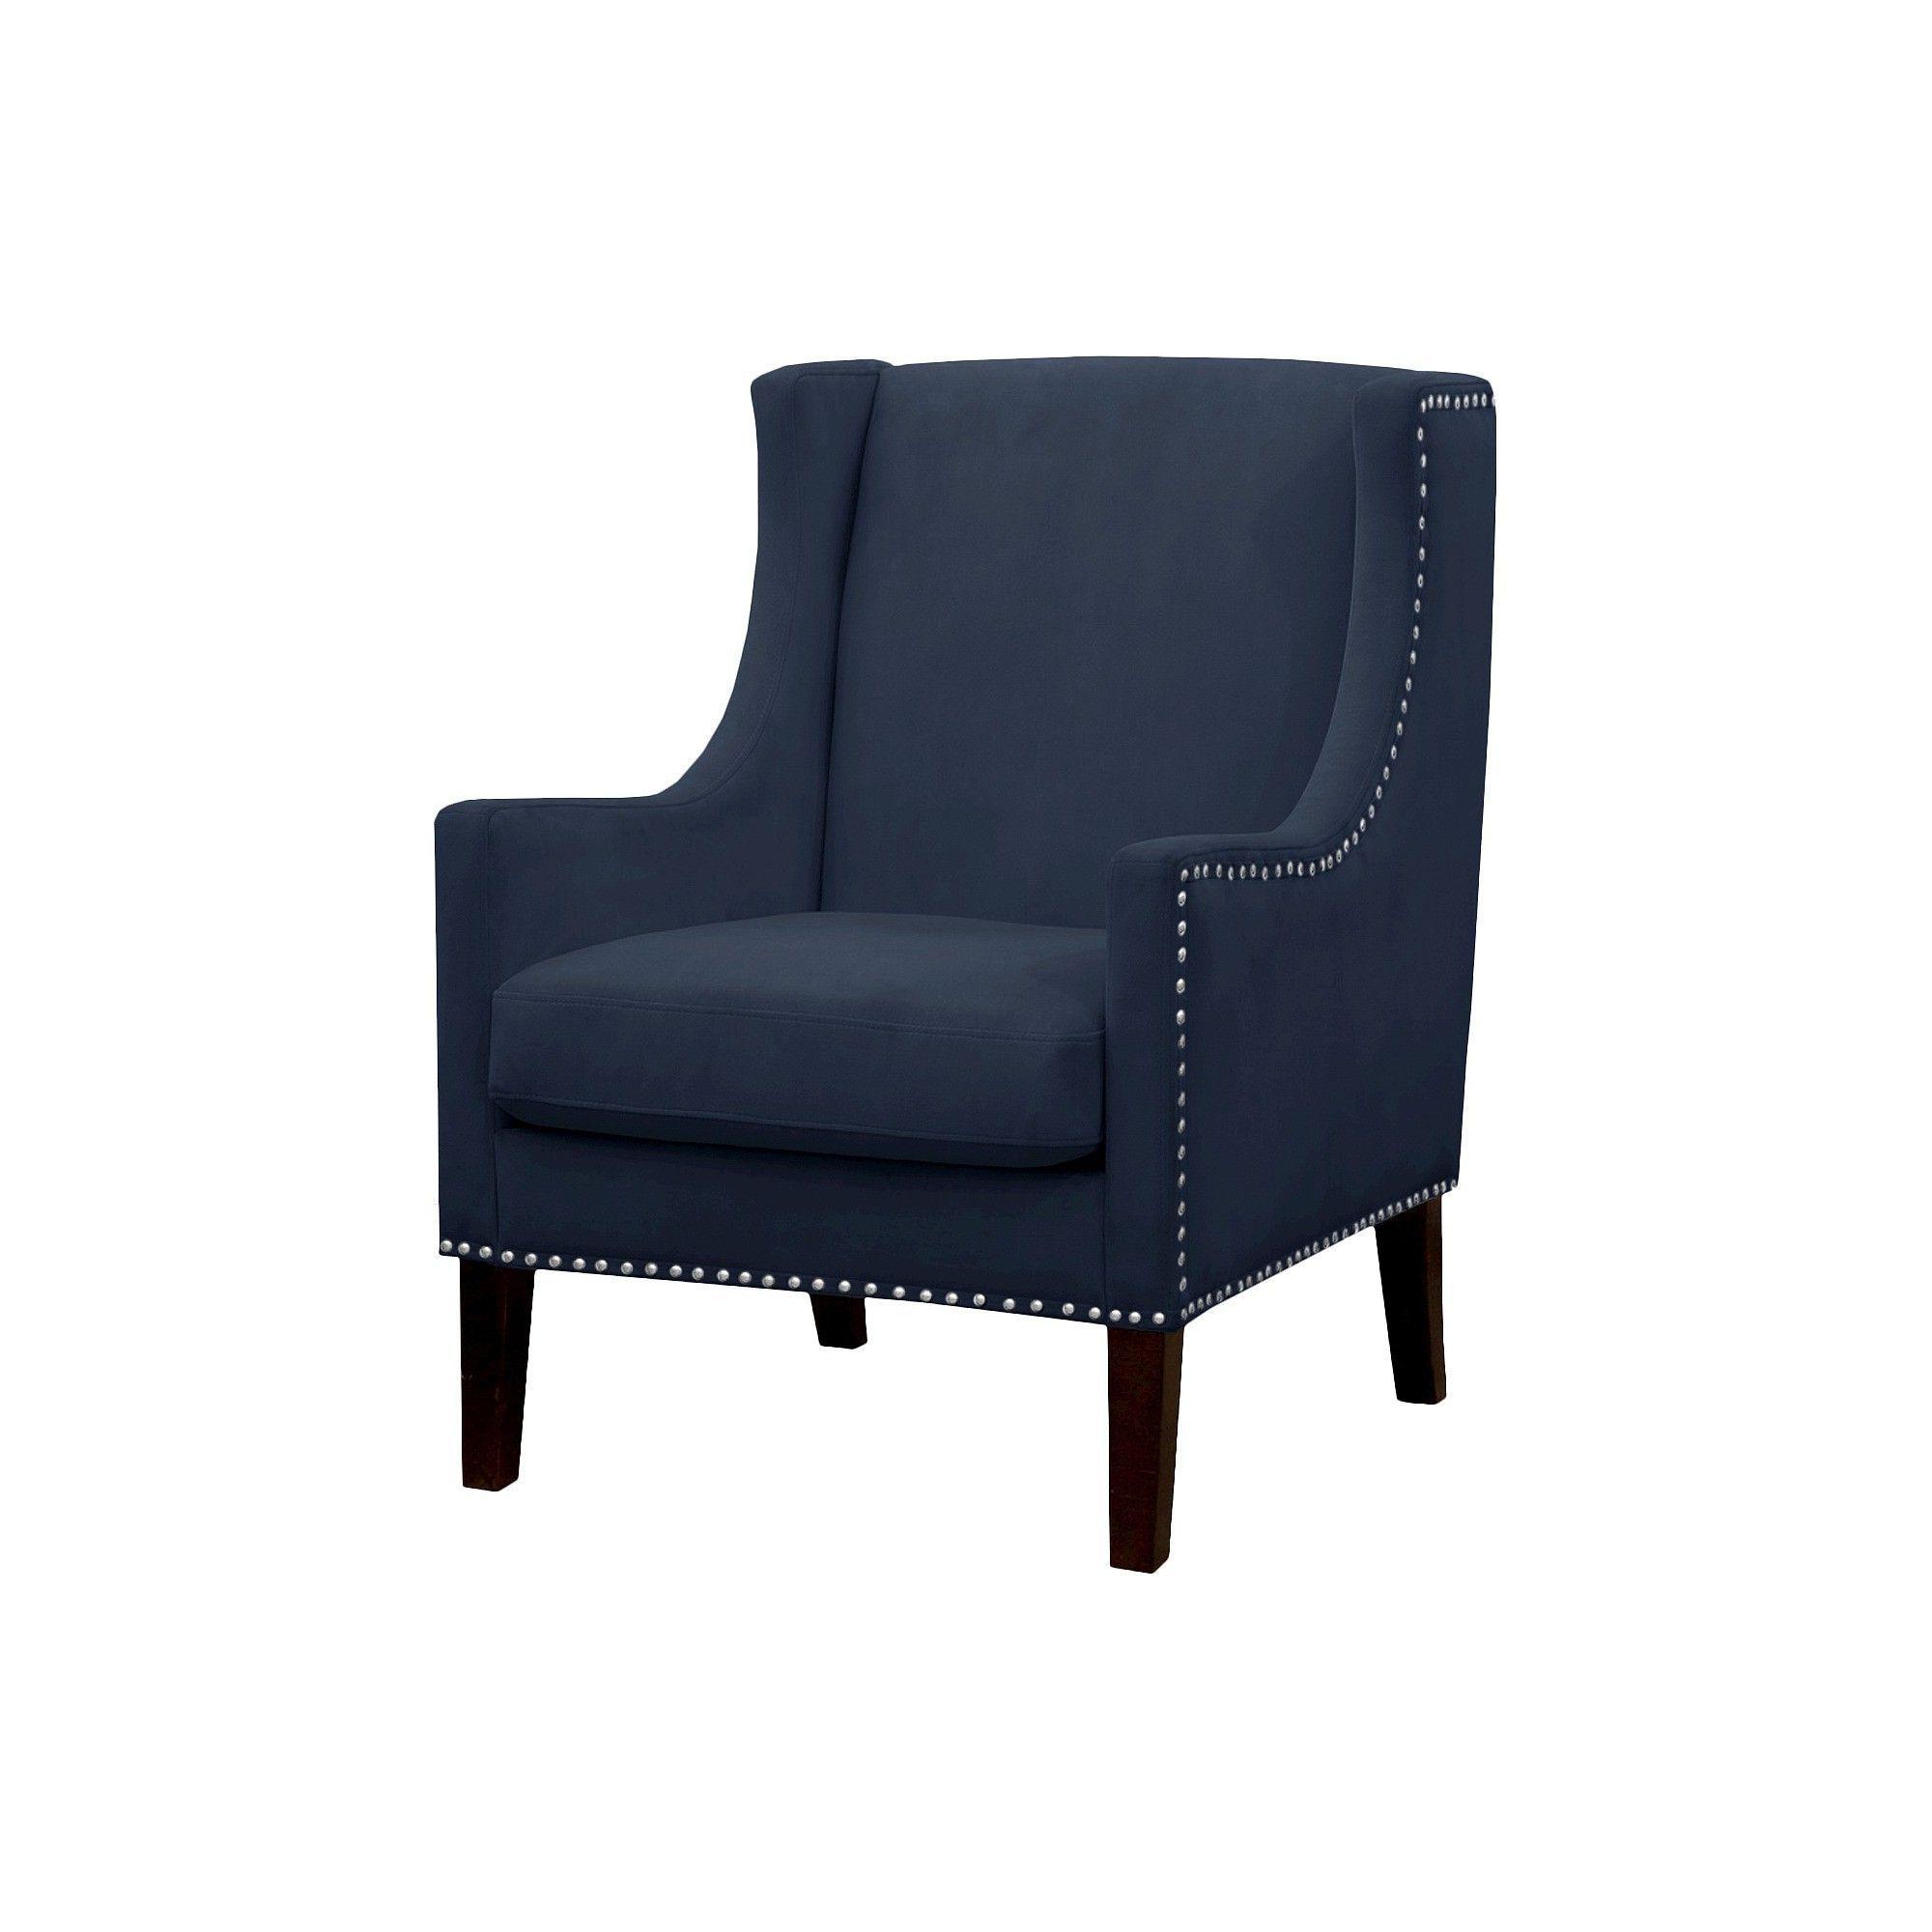 Jackson Wingback Chair Velvet Navy Threshold Arm Chairs Living Room Small Living Room Chairs Accent Chairs For Living Room